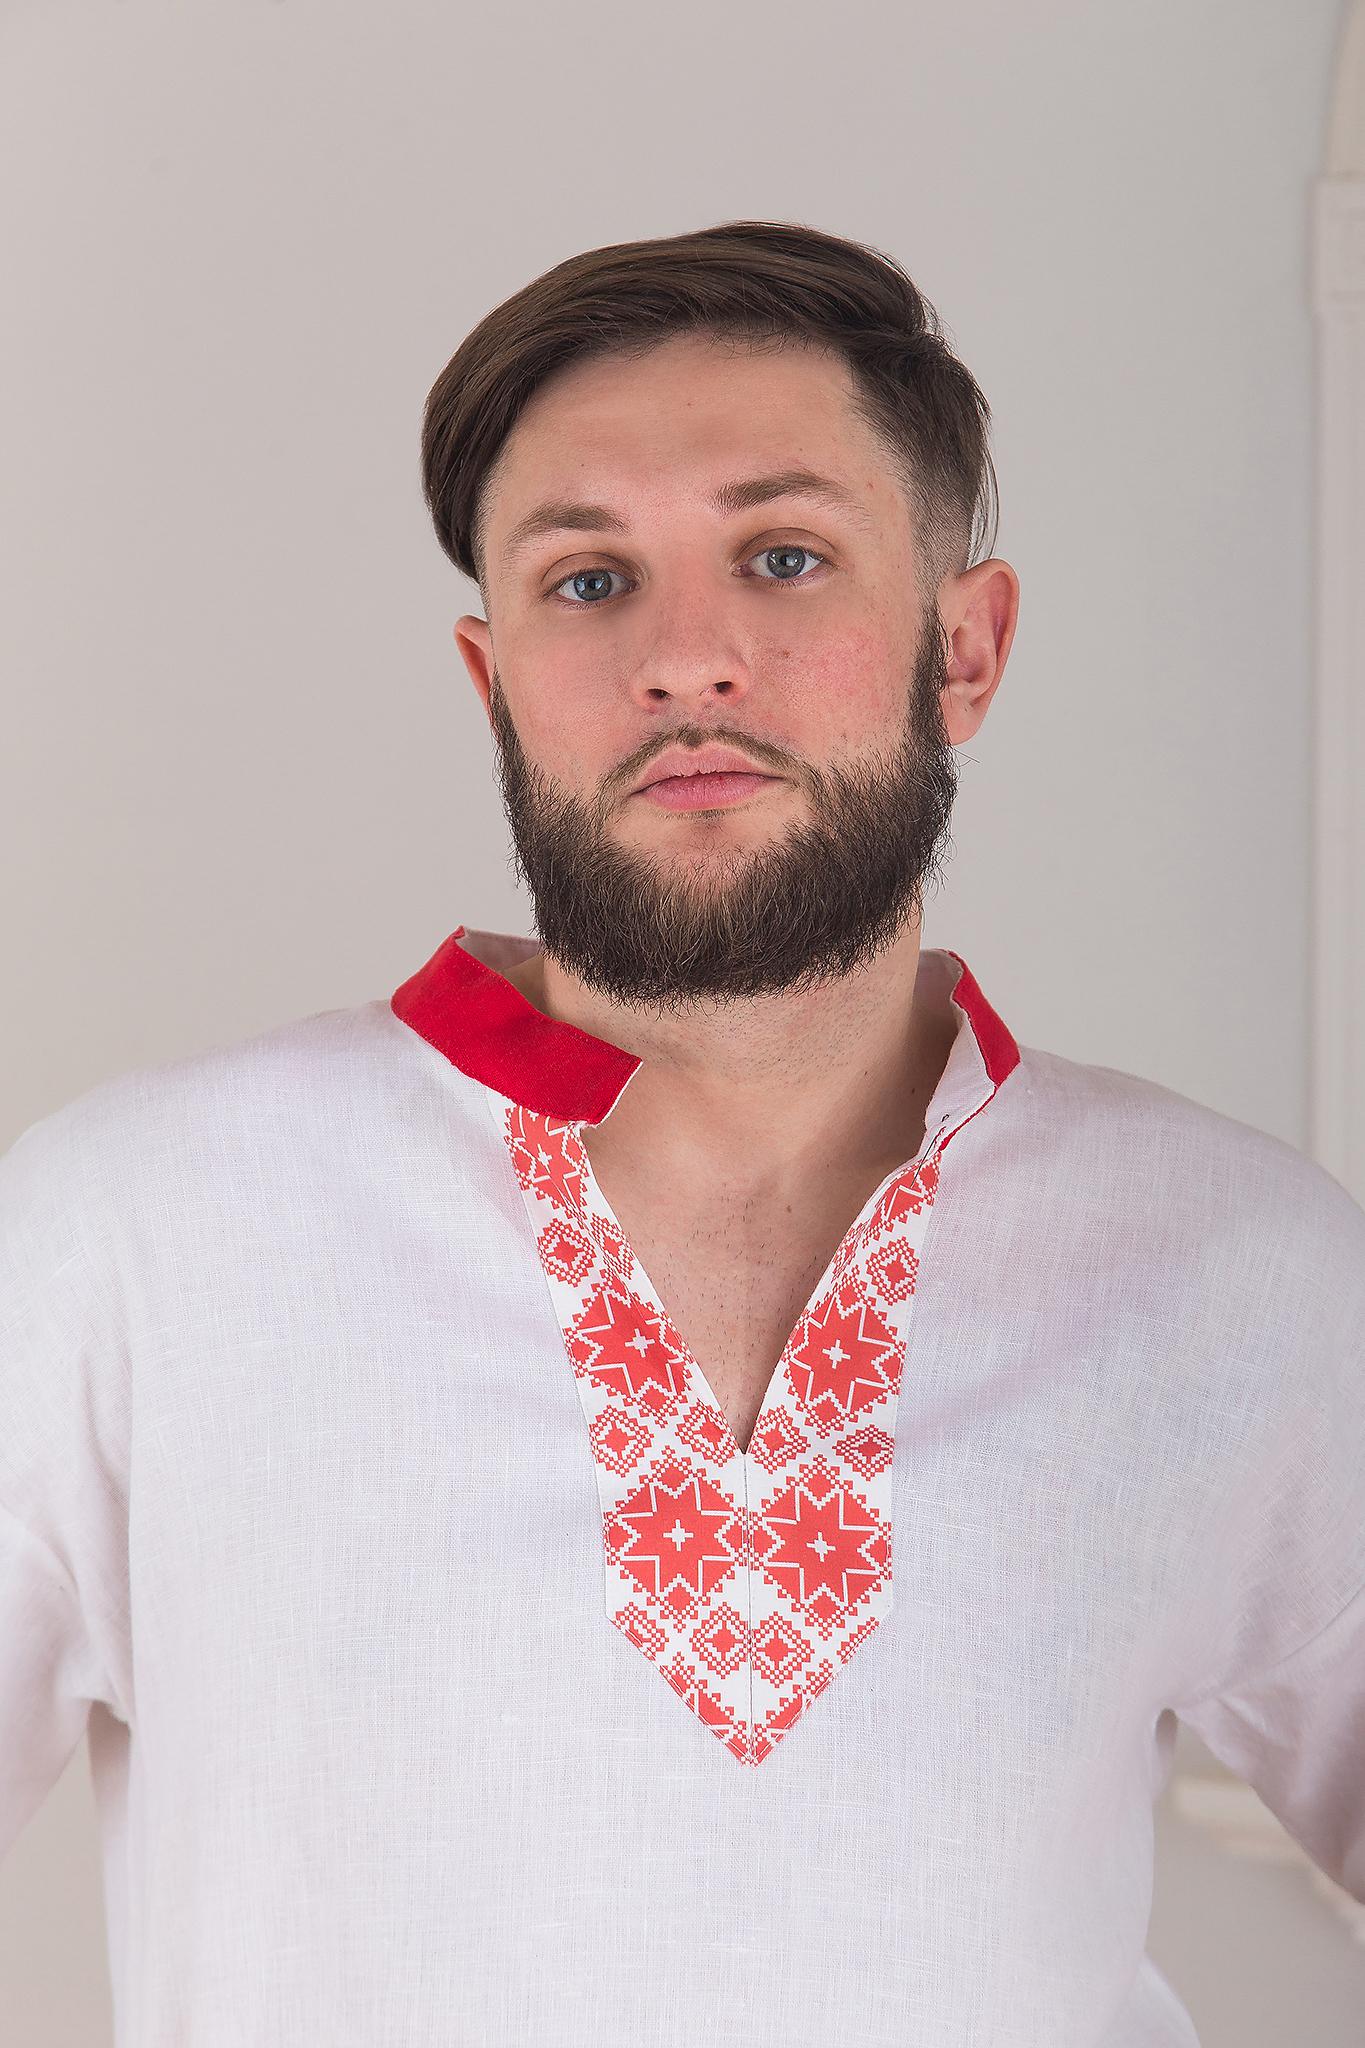 Русская рубаха мужская Воевода от Иванка кокетка на груди